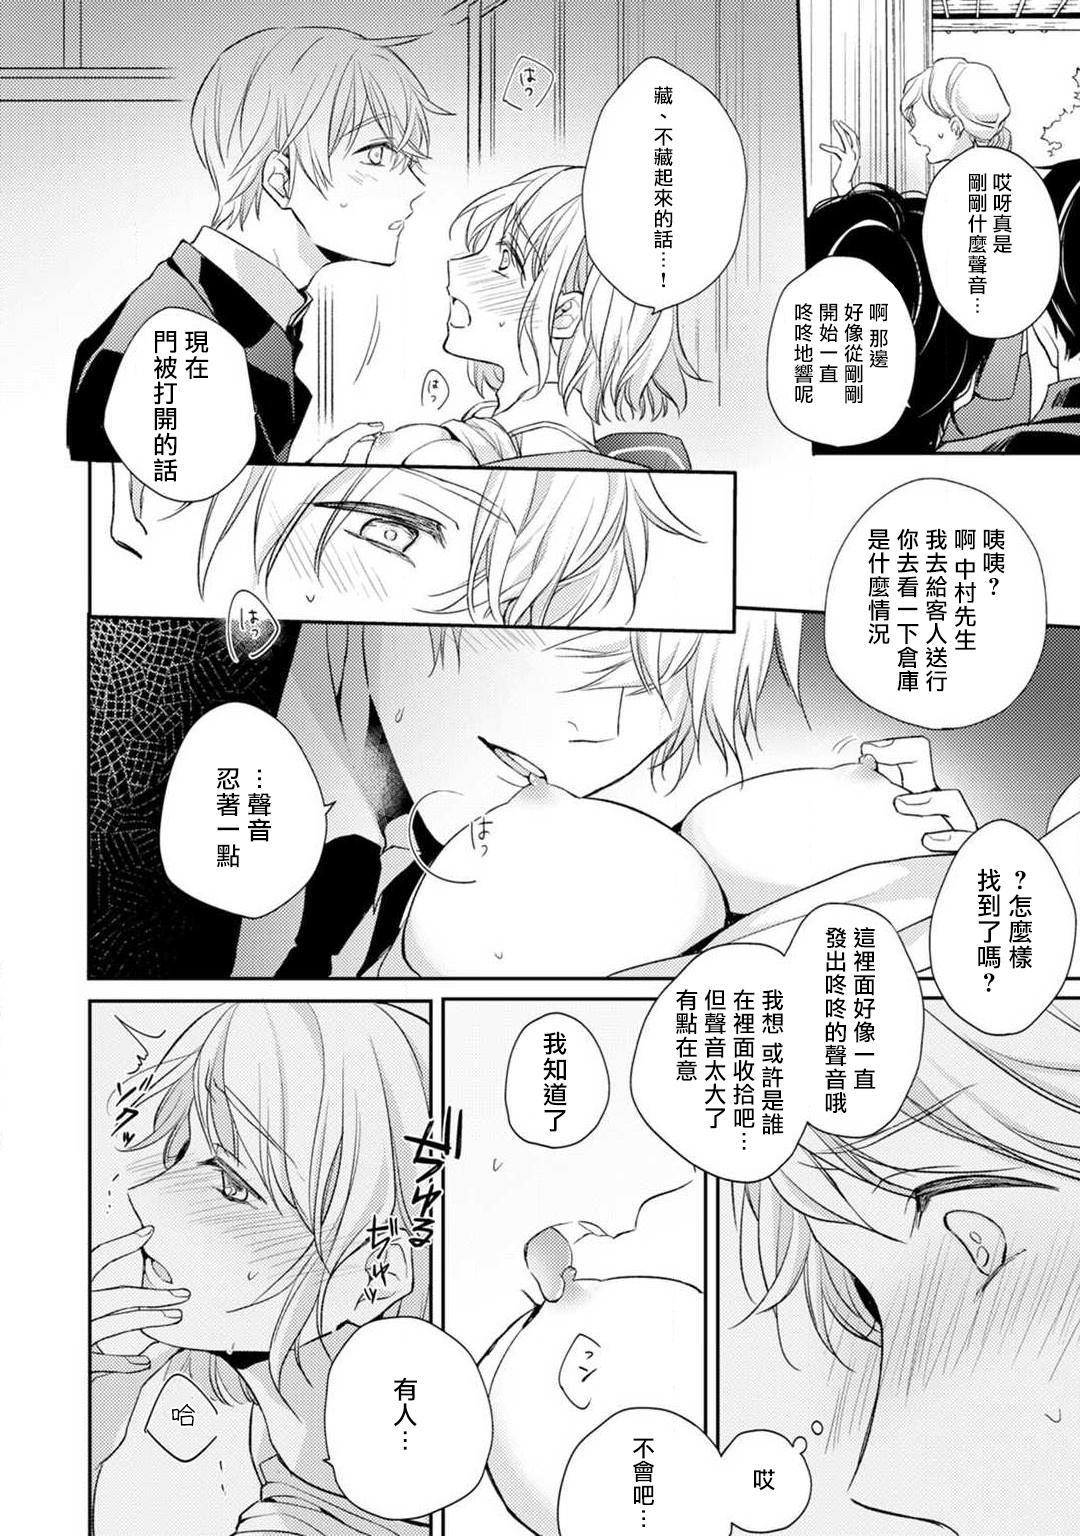 [Shichigatsu Motomi]  Sonna Kao shite, Sasotteru? ~Dekiai Shachou to Migawari Omiaikekkon!?~ 1-7 | 這種表情,在誘惑我嗎?~溺愛社長和替身相親結婚!? act.1 [Chinese] [拾荒者汉化组] 20